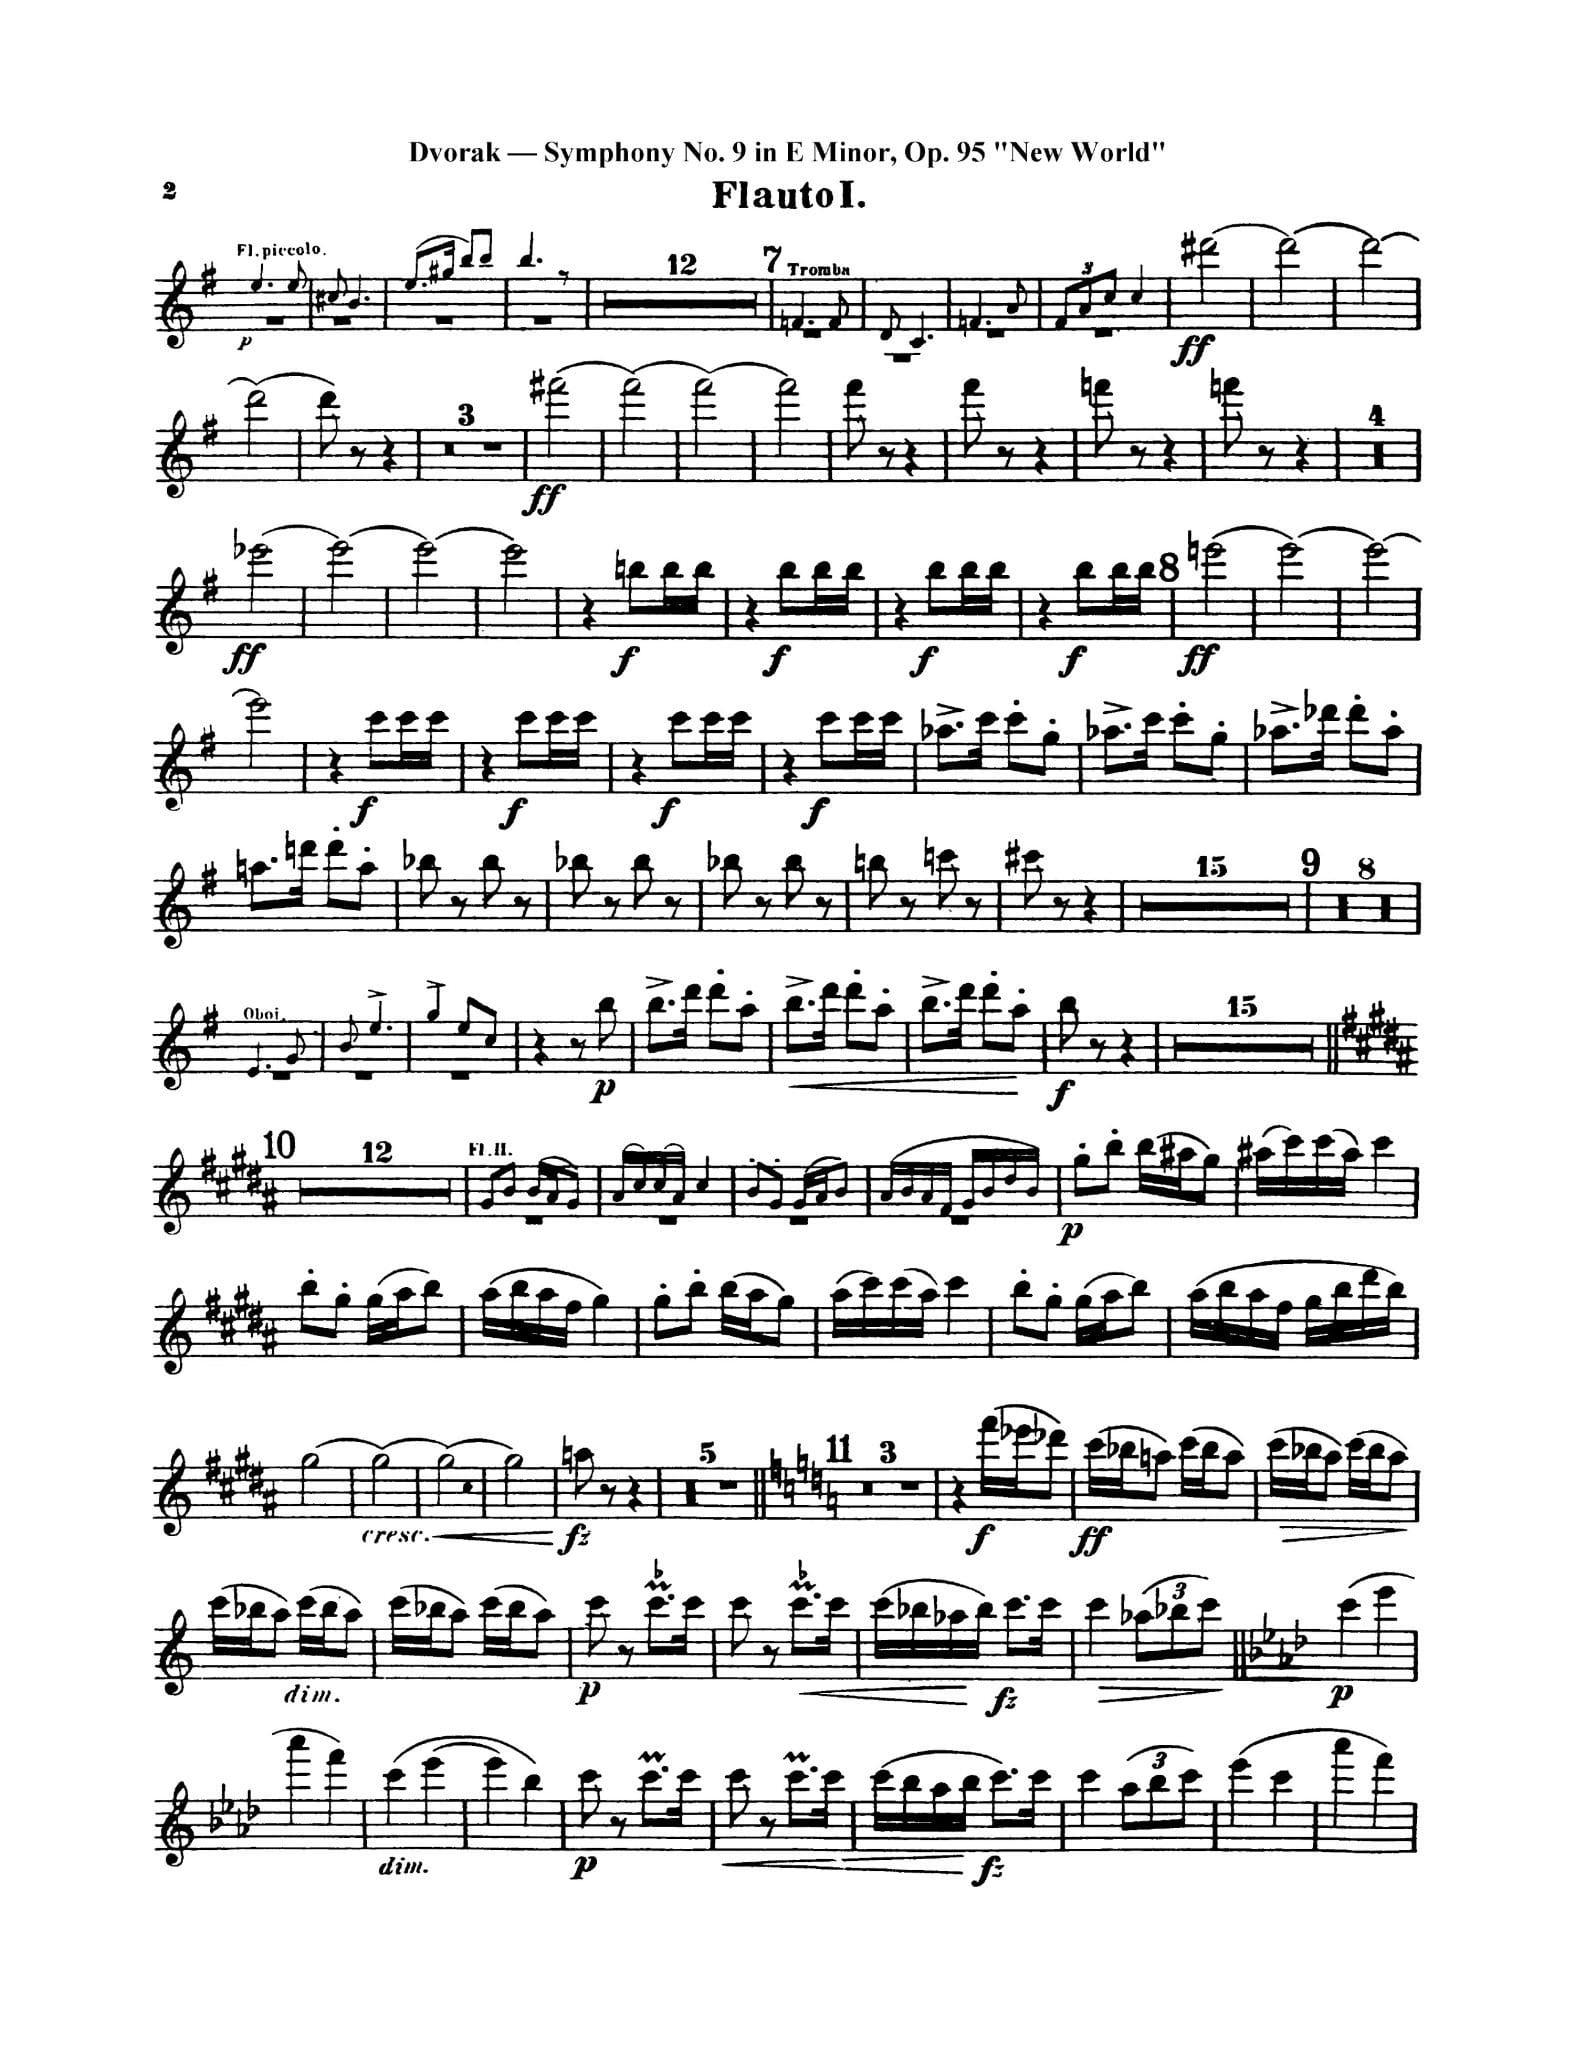 Dvorak Symphony No. 9 2